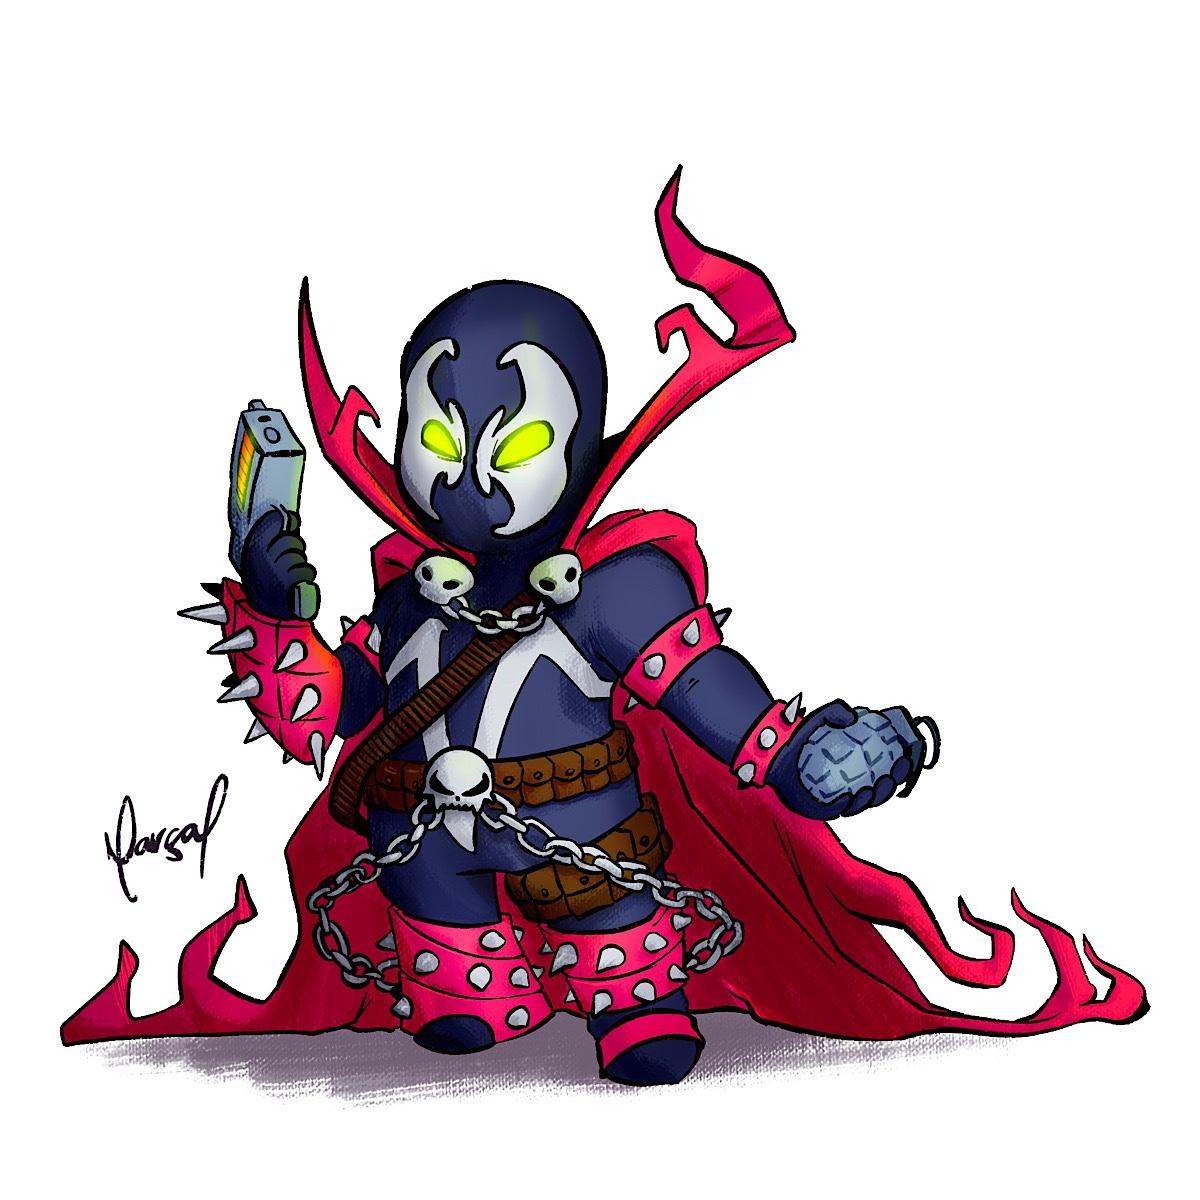 Ilustração: Spawn | versão, todd mcfarlane, spawn, image comics, Ilustração, desenho